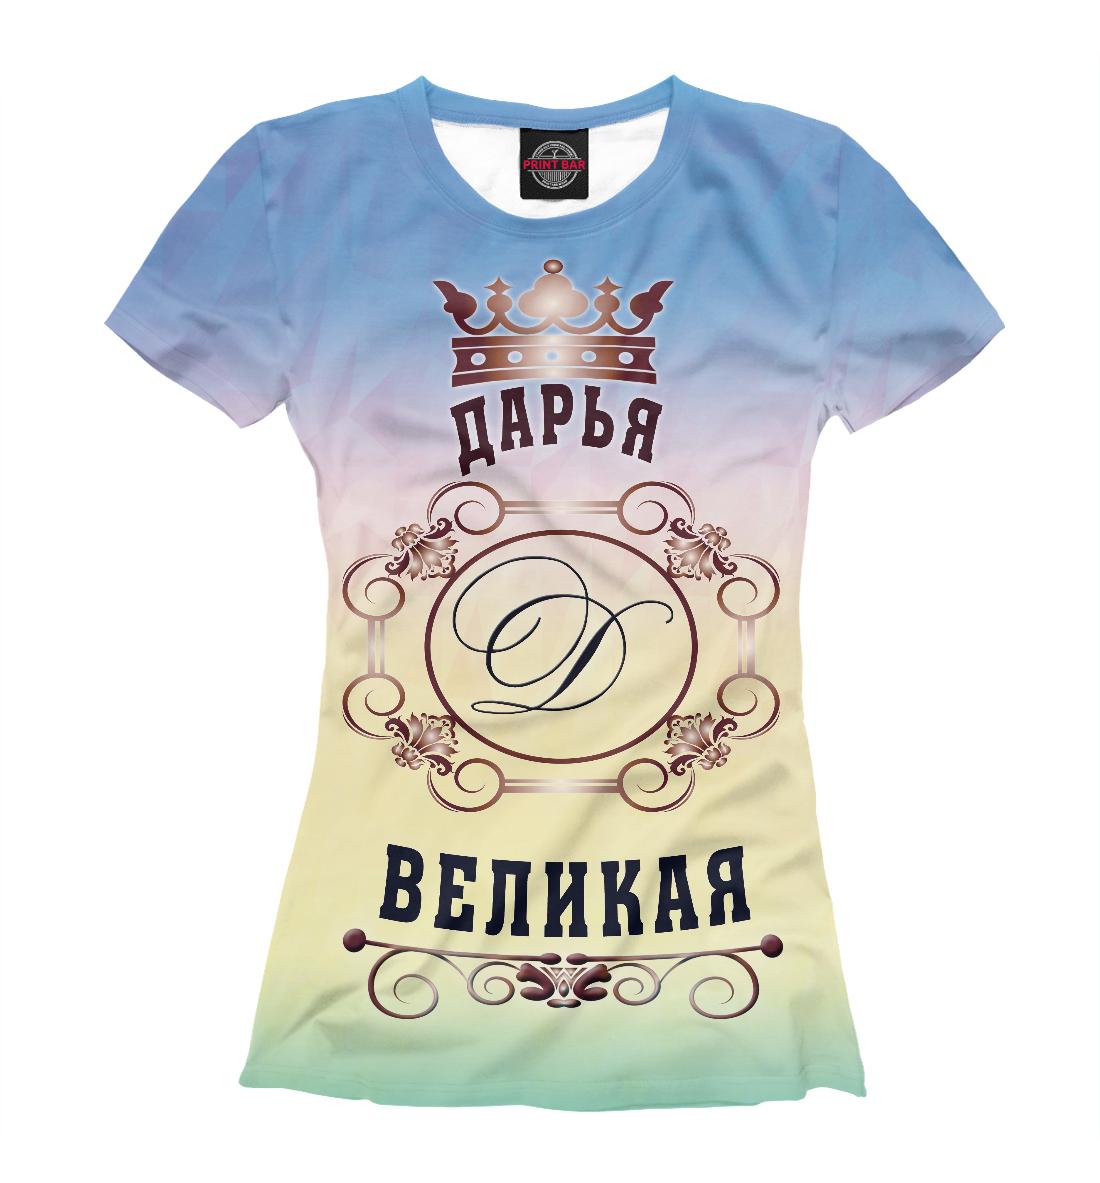 Купить Дарья Великая, Printbar, Футболки, DAR-380251-fut-1